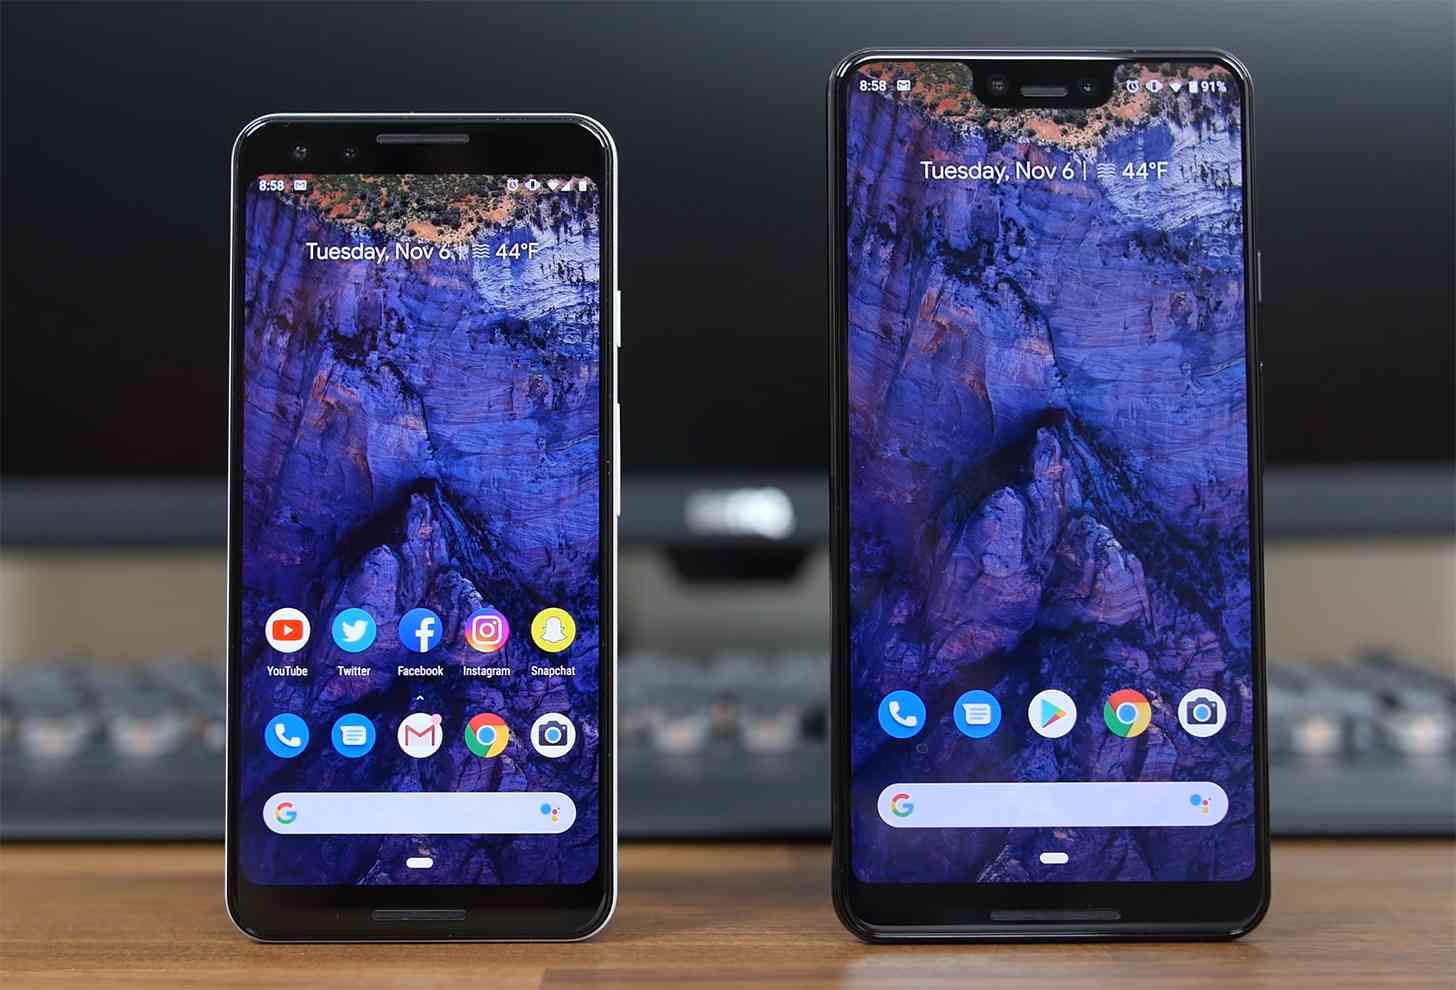 Pixel 3, Pixel 3 XL